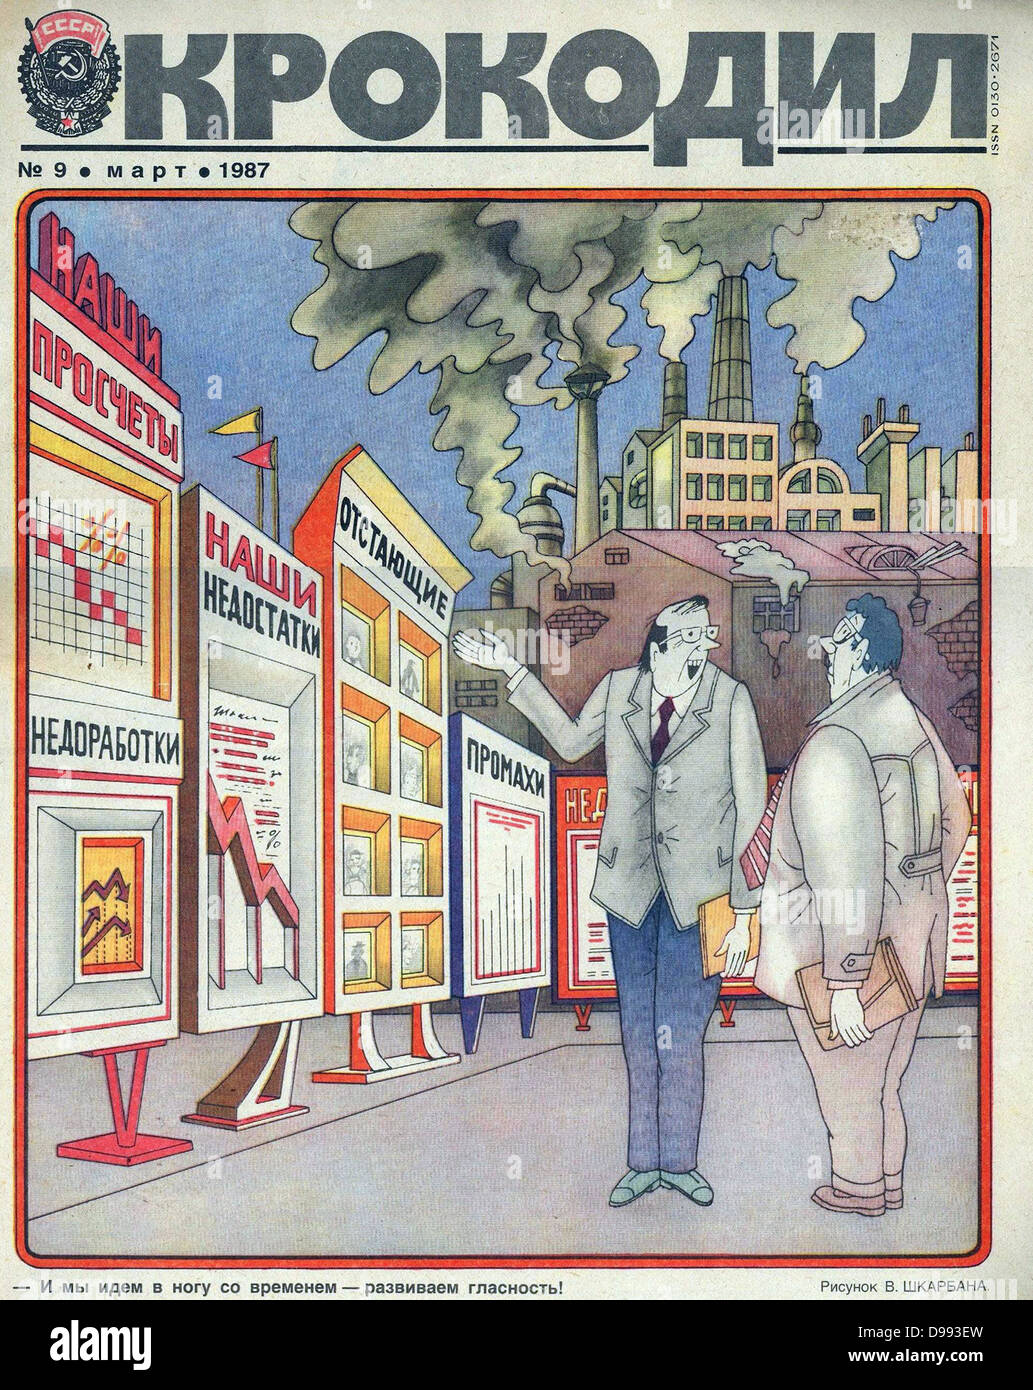 Sowjetischen Russisch cartoon Satire Glasnost 1980 Stockbild